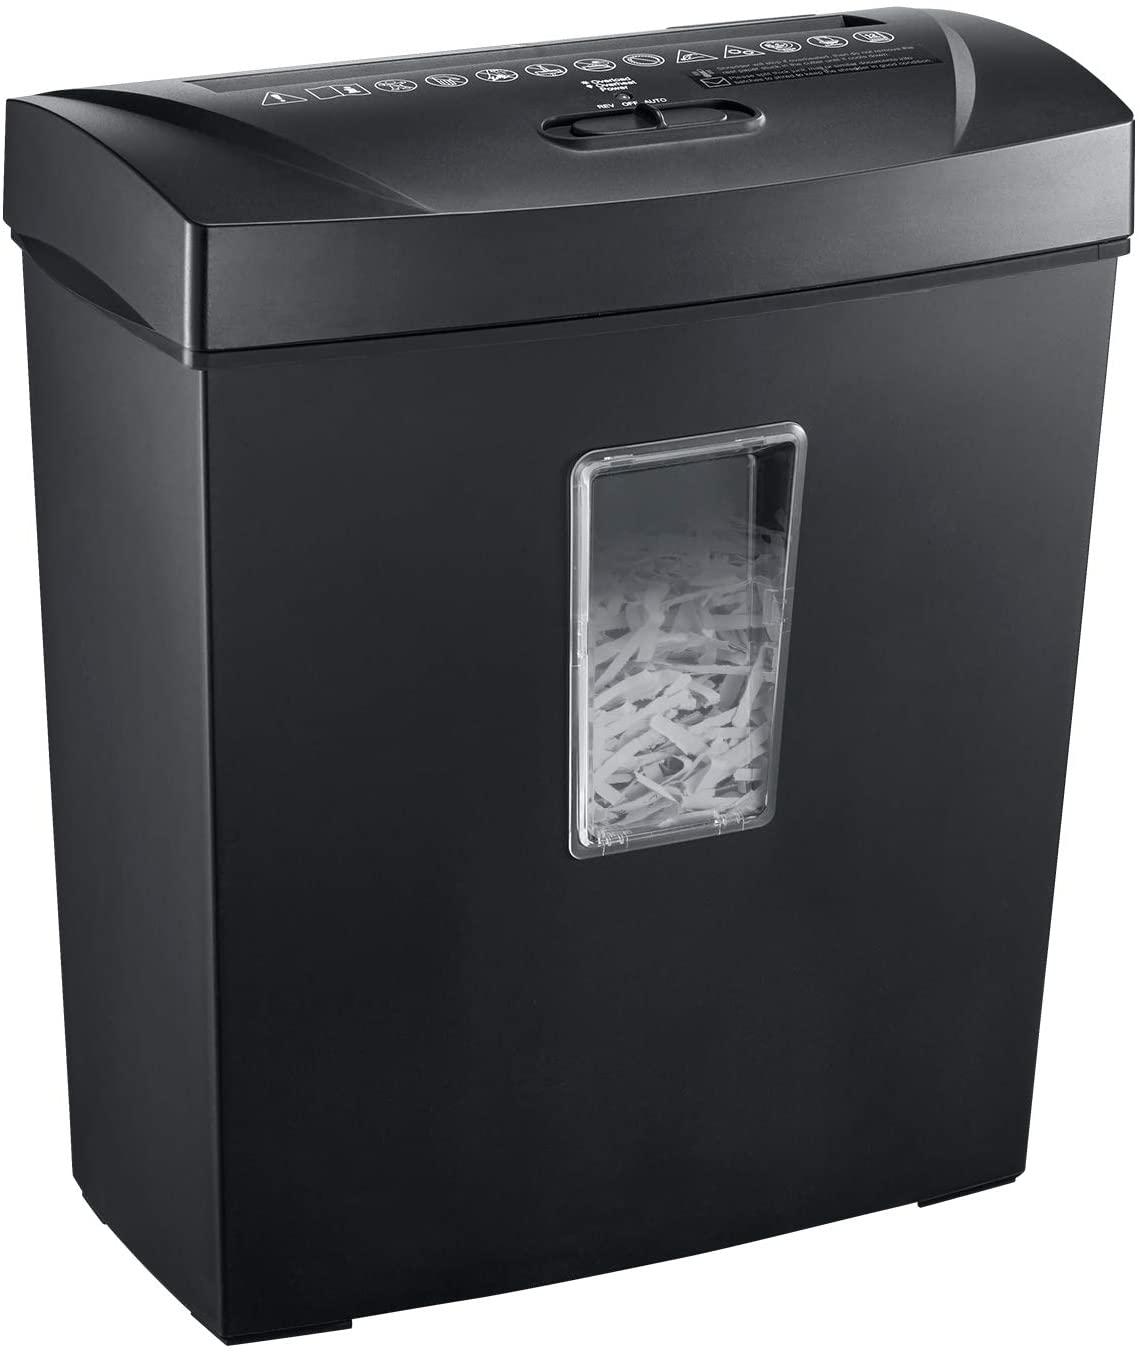 Bonsaii Paper Shredder, Black(C170-C)